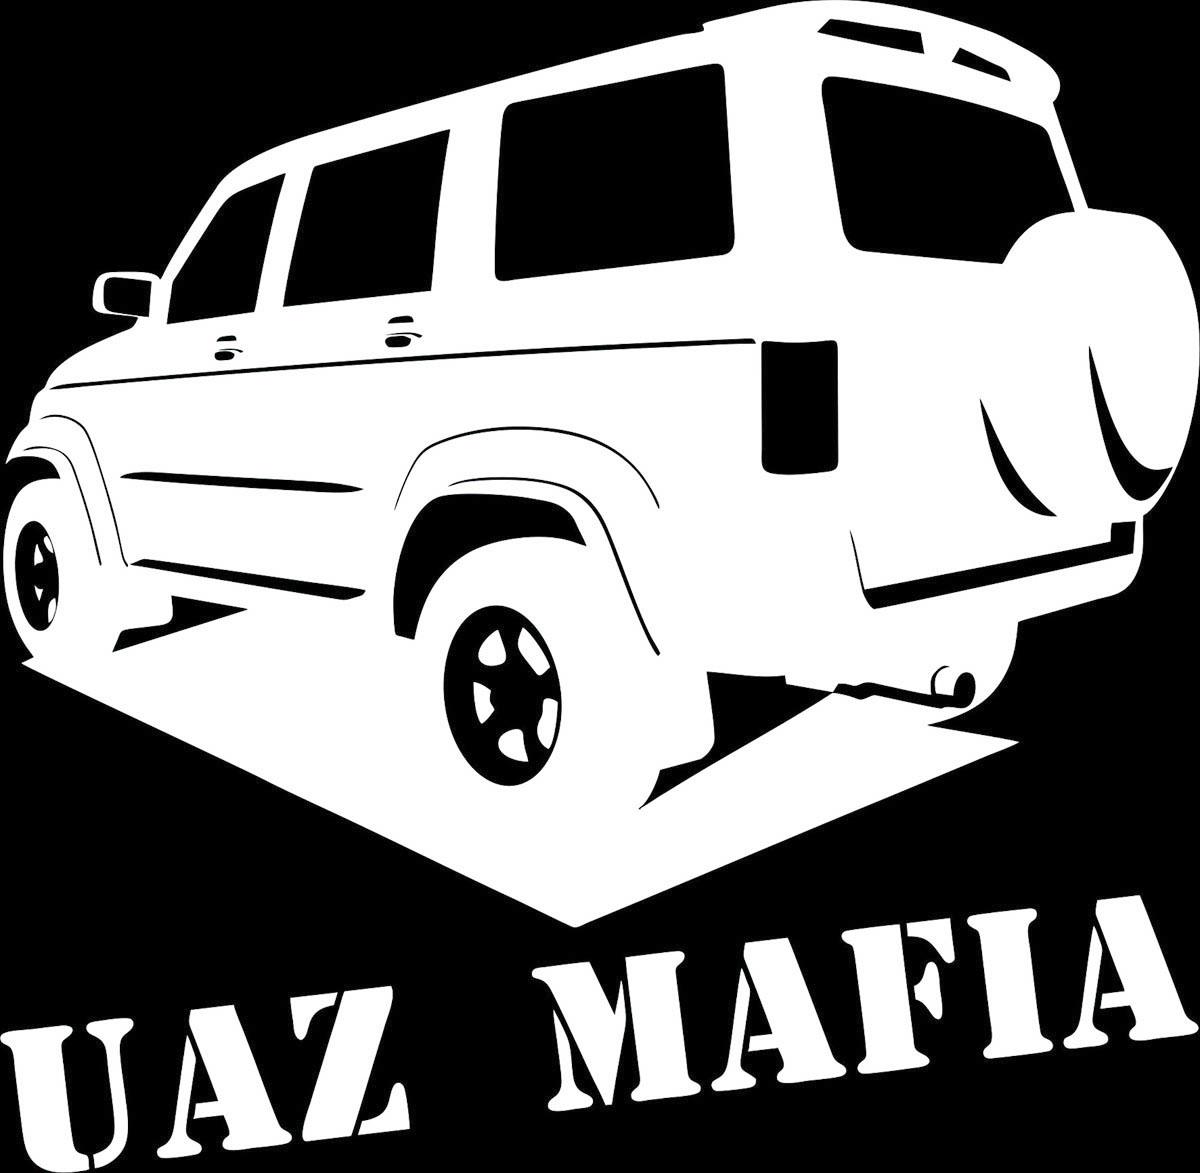 Наклейка автомобильная Оранжевый слоник UAZ Mafia, виниловая, цвет: белый21395599Оригинальная наклейка Оранжевый слоник UAZ Mafia изготовлена из высококачественной виниловой пленки, которая выполняет не только декоративную функцию, но и защищает кузов автомобиля от небольших механических повреждений, либо скрывает уже существующие.Виниловые наклейки на автомобиль - это не только красиво, но еще и быстро! Всего за несколько минут вы можете полностью преобразить свой автомобиль, сделать его ярким, необычным, особенным и неповторимым!